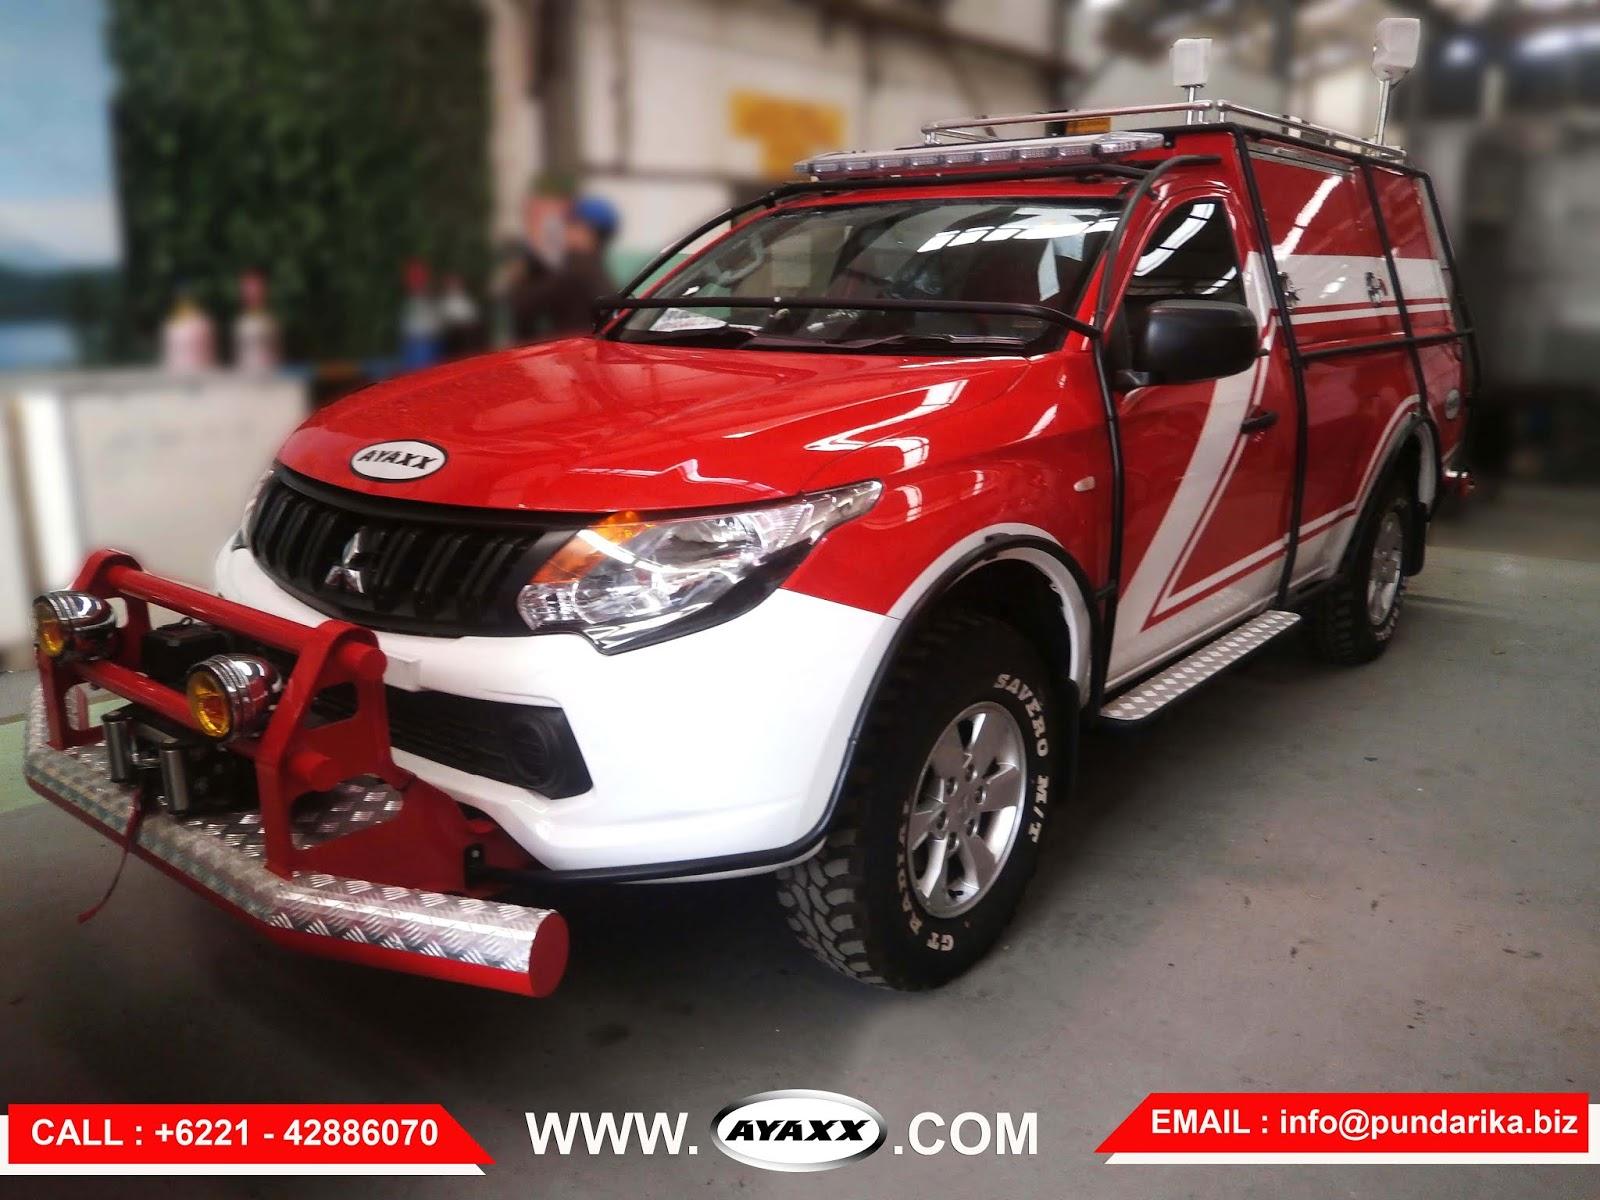 Jual fire jeep AYAXX Indonesia, cek harganya ?